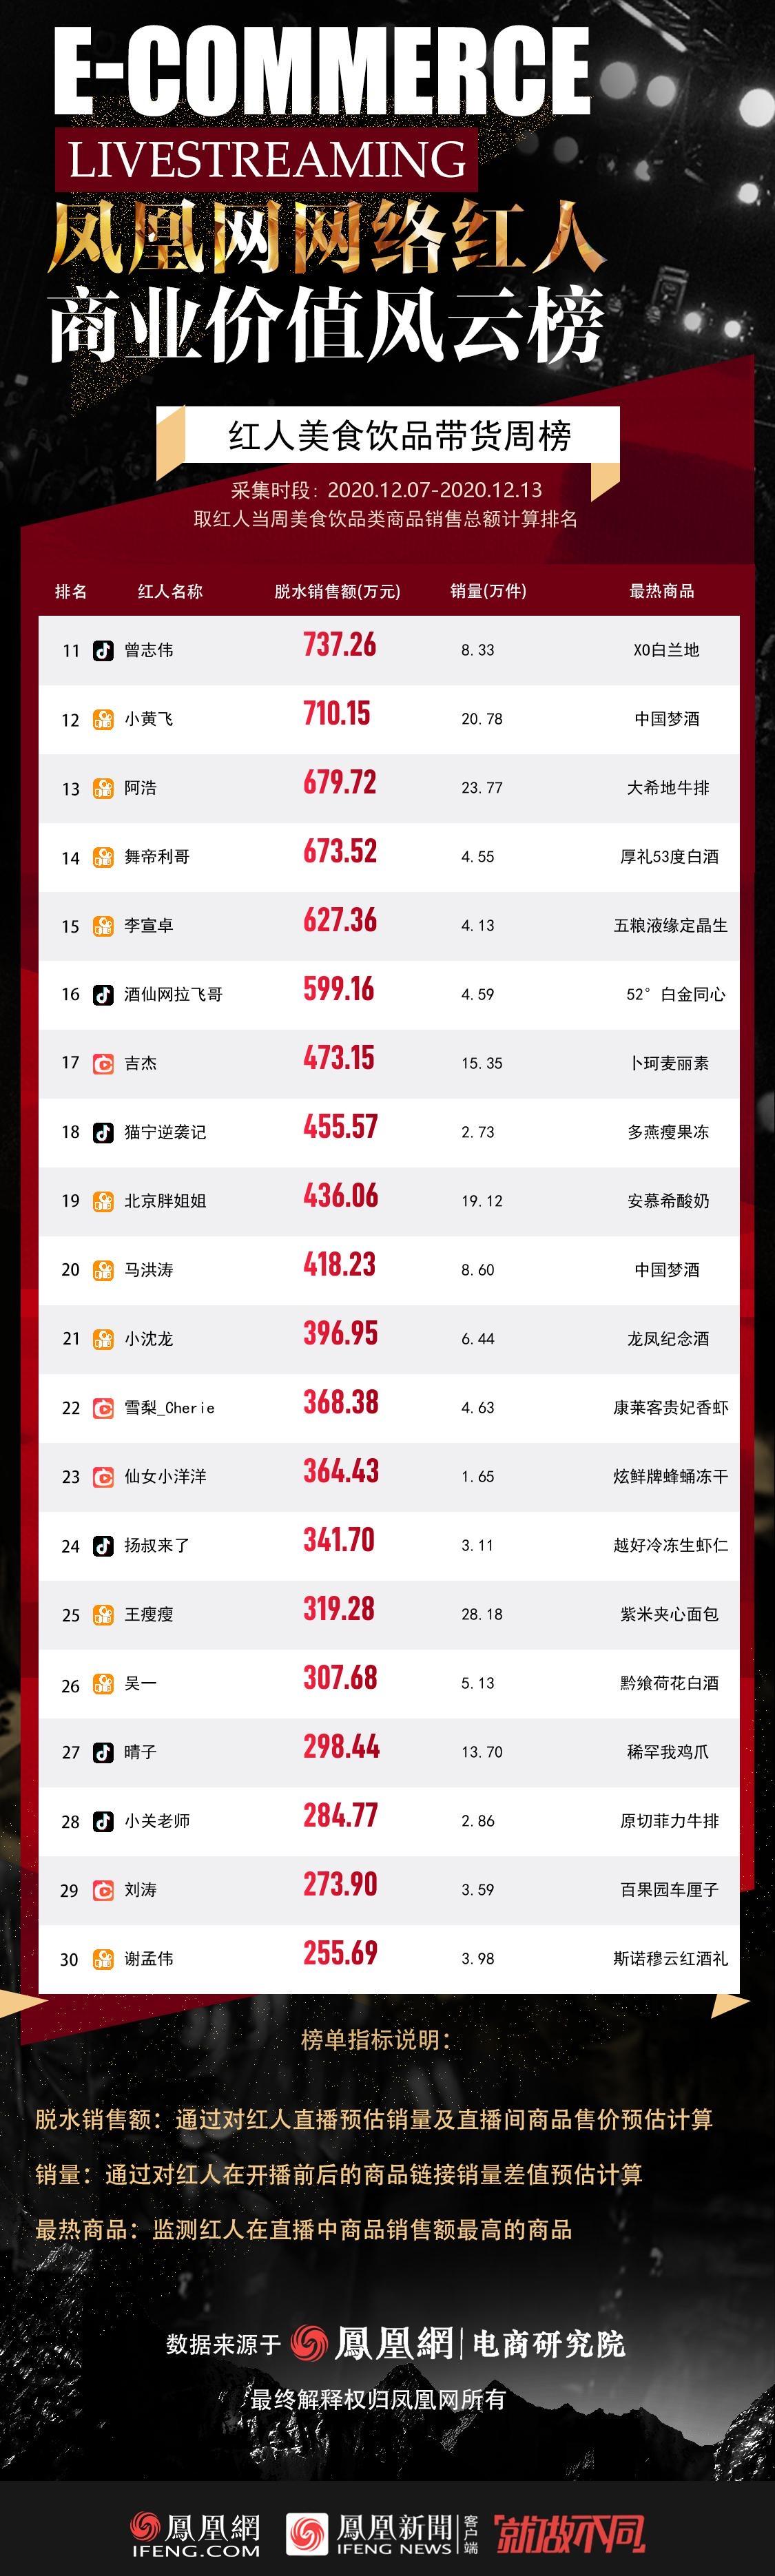 红人美食饮品带货GMV排行榜TOP11-30